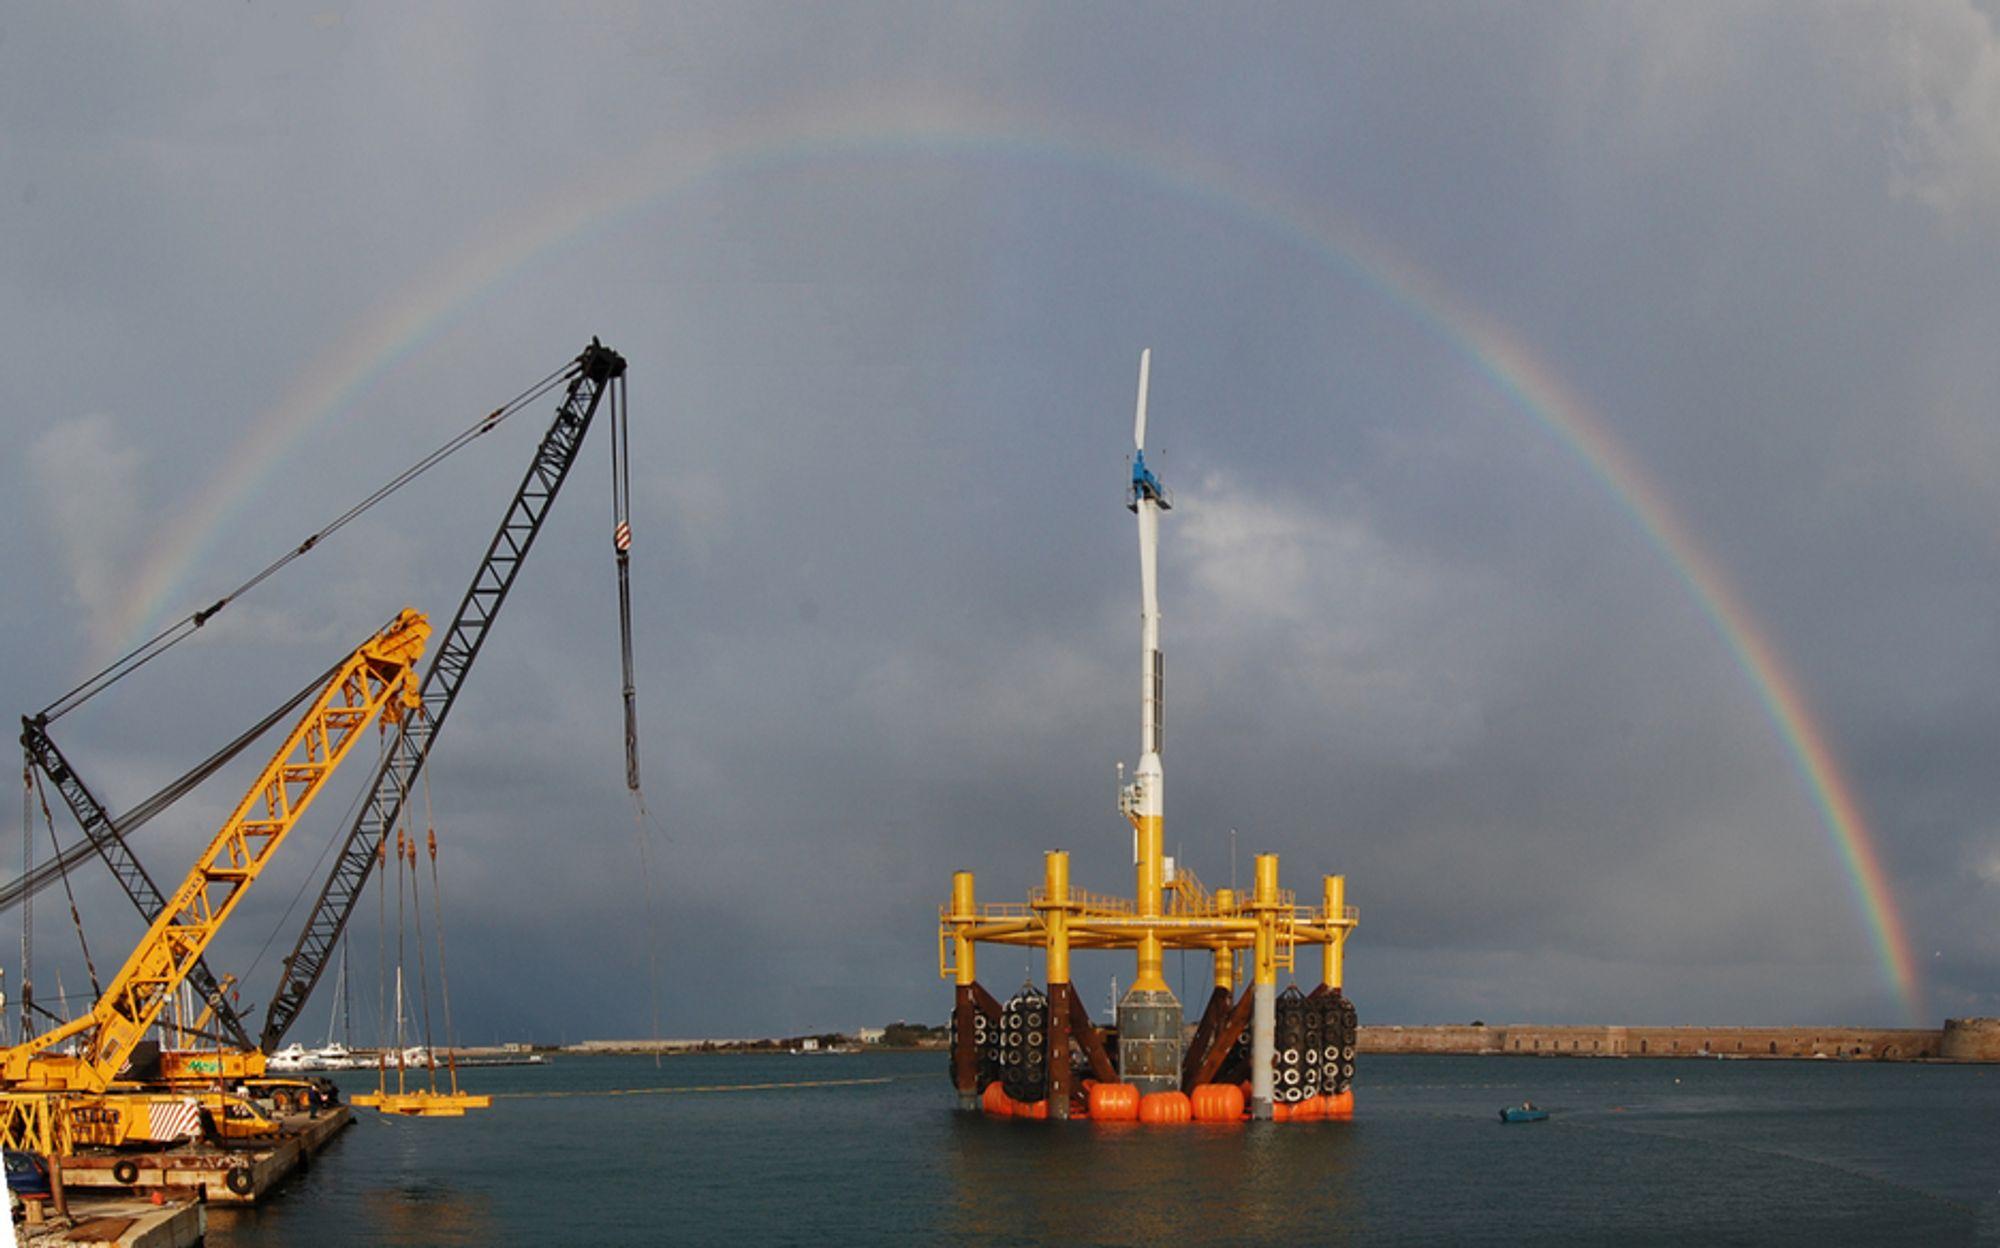 LANGT FRAMME: I løpet av høsten skal nederlandske Blue H Group sjøsette flere, større havvindturbiner utenfor kysten av Italia.